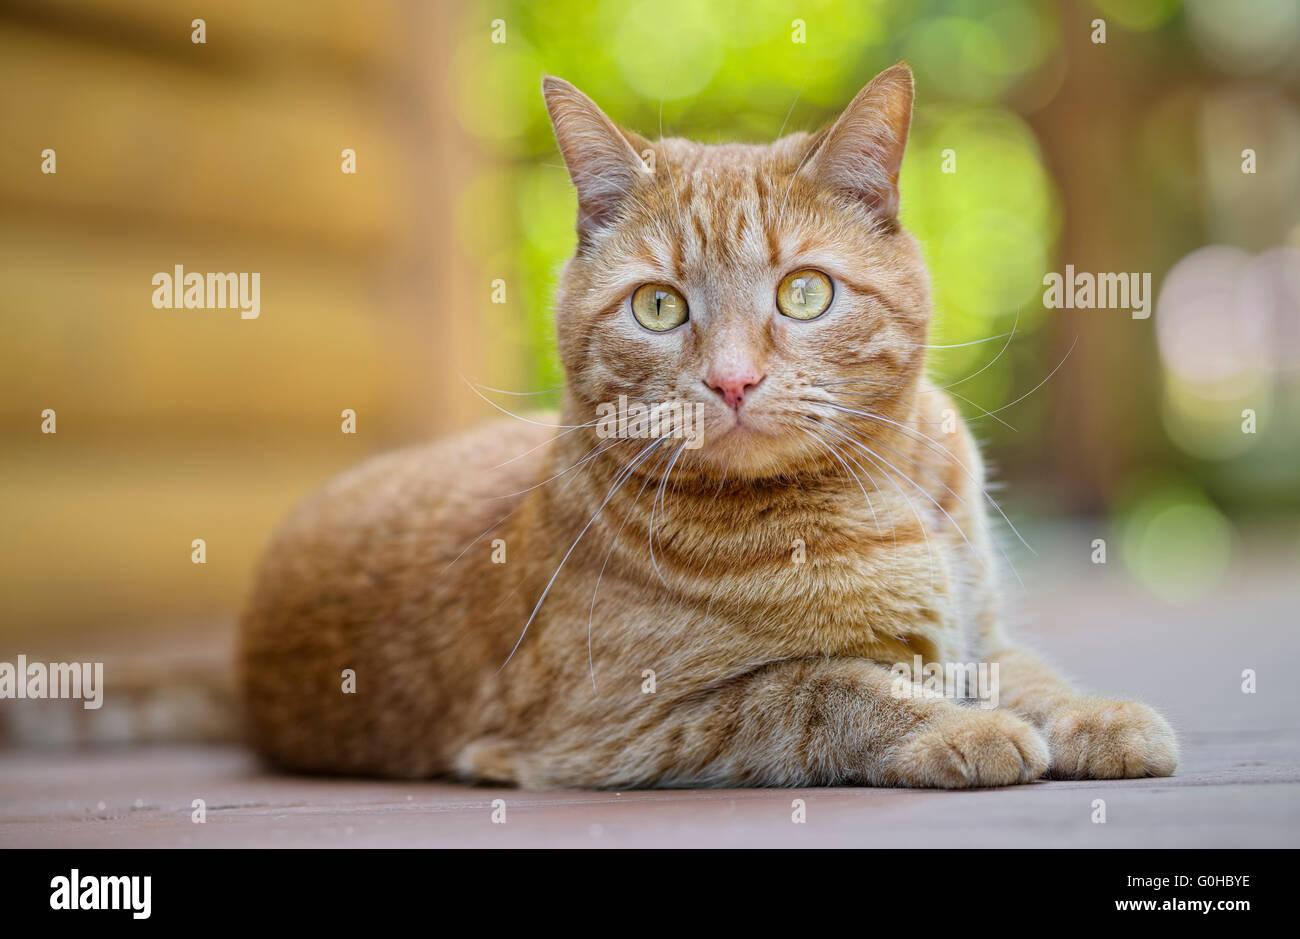 Arancio maschio tabby Gatto sdraiato all'aperto prestando attenzione alle frazioni Immagini Stock